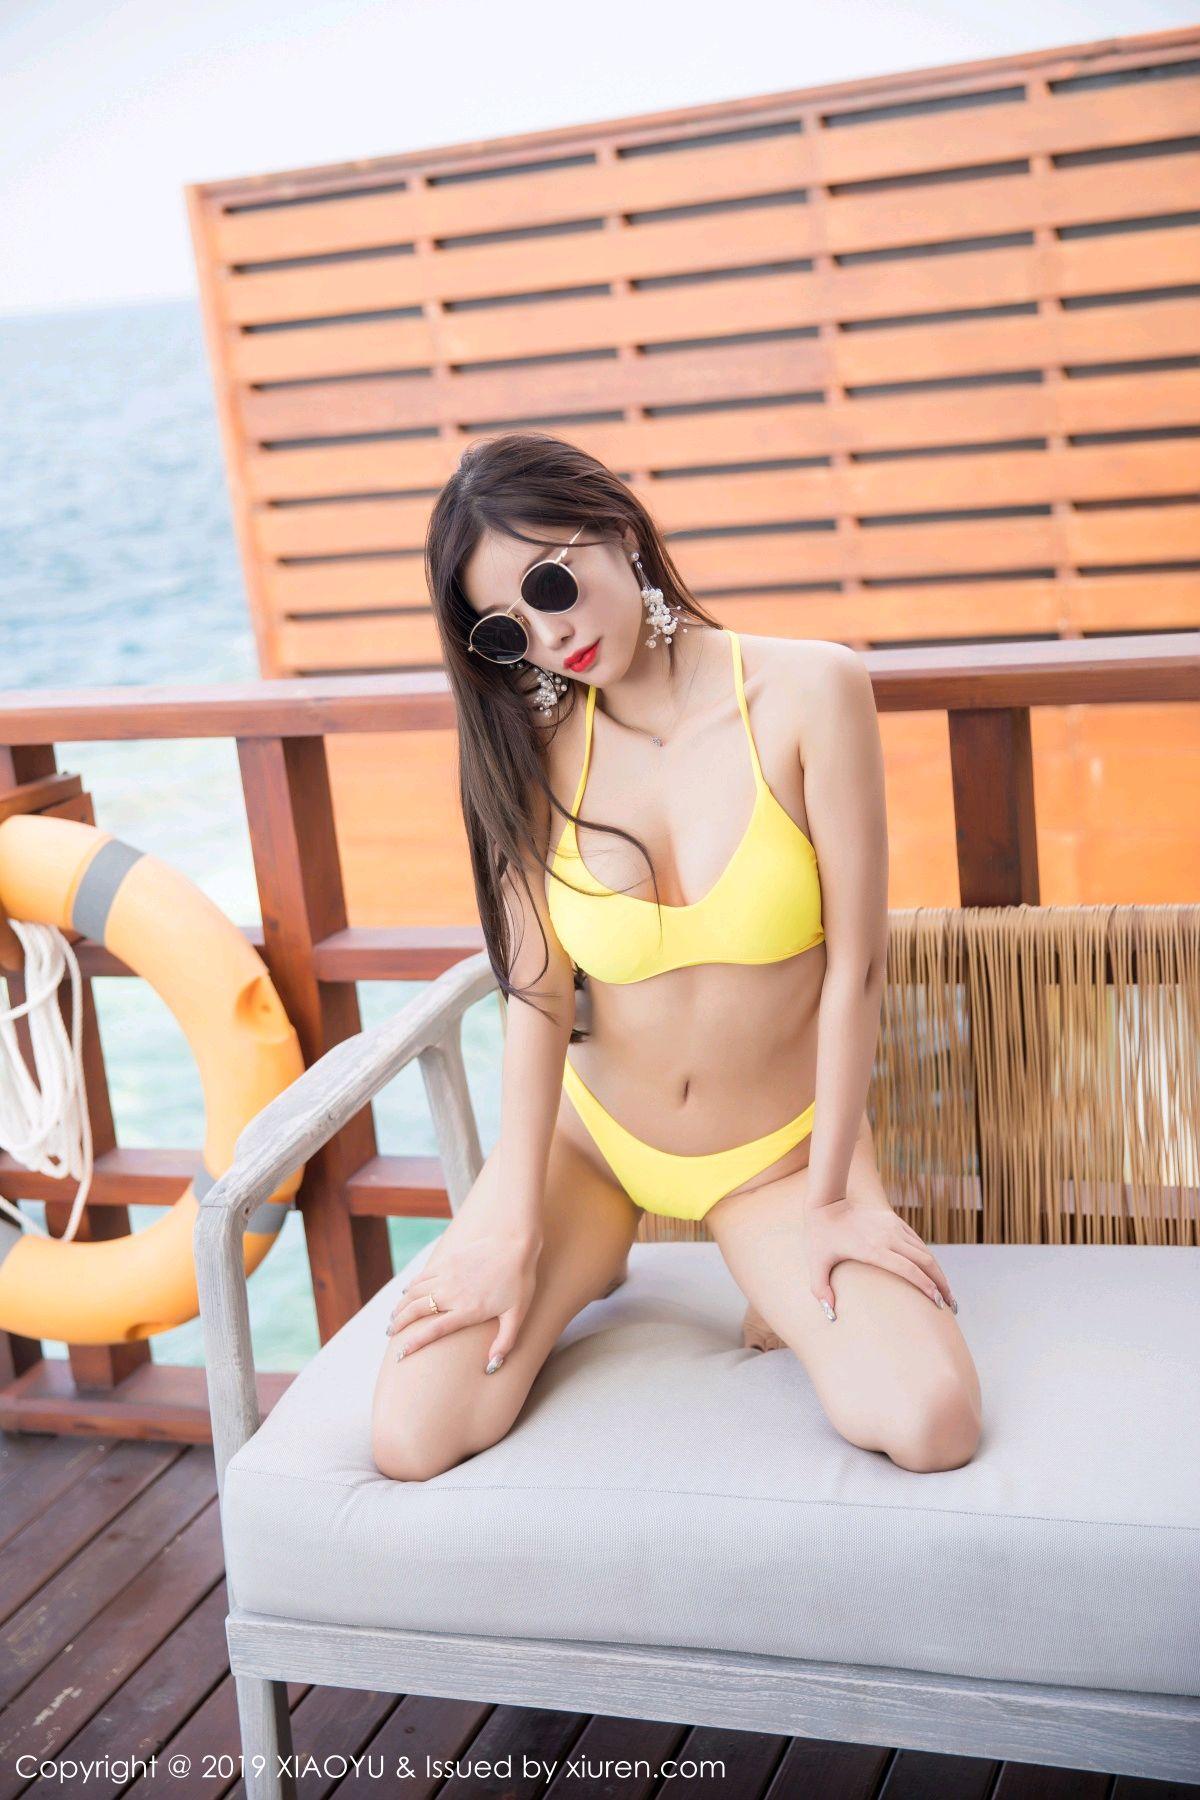 [XiaoYu] Vol.072 sugar 20P, Bikini, Swim Pool, XiaoYu, Yang Chen Chen